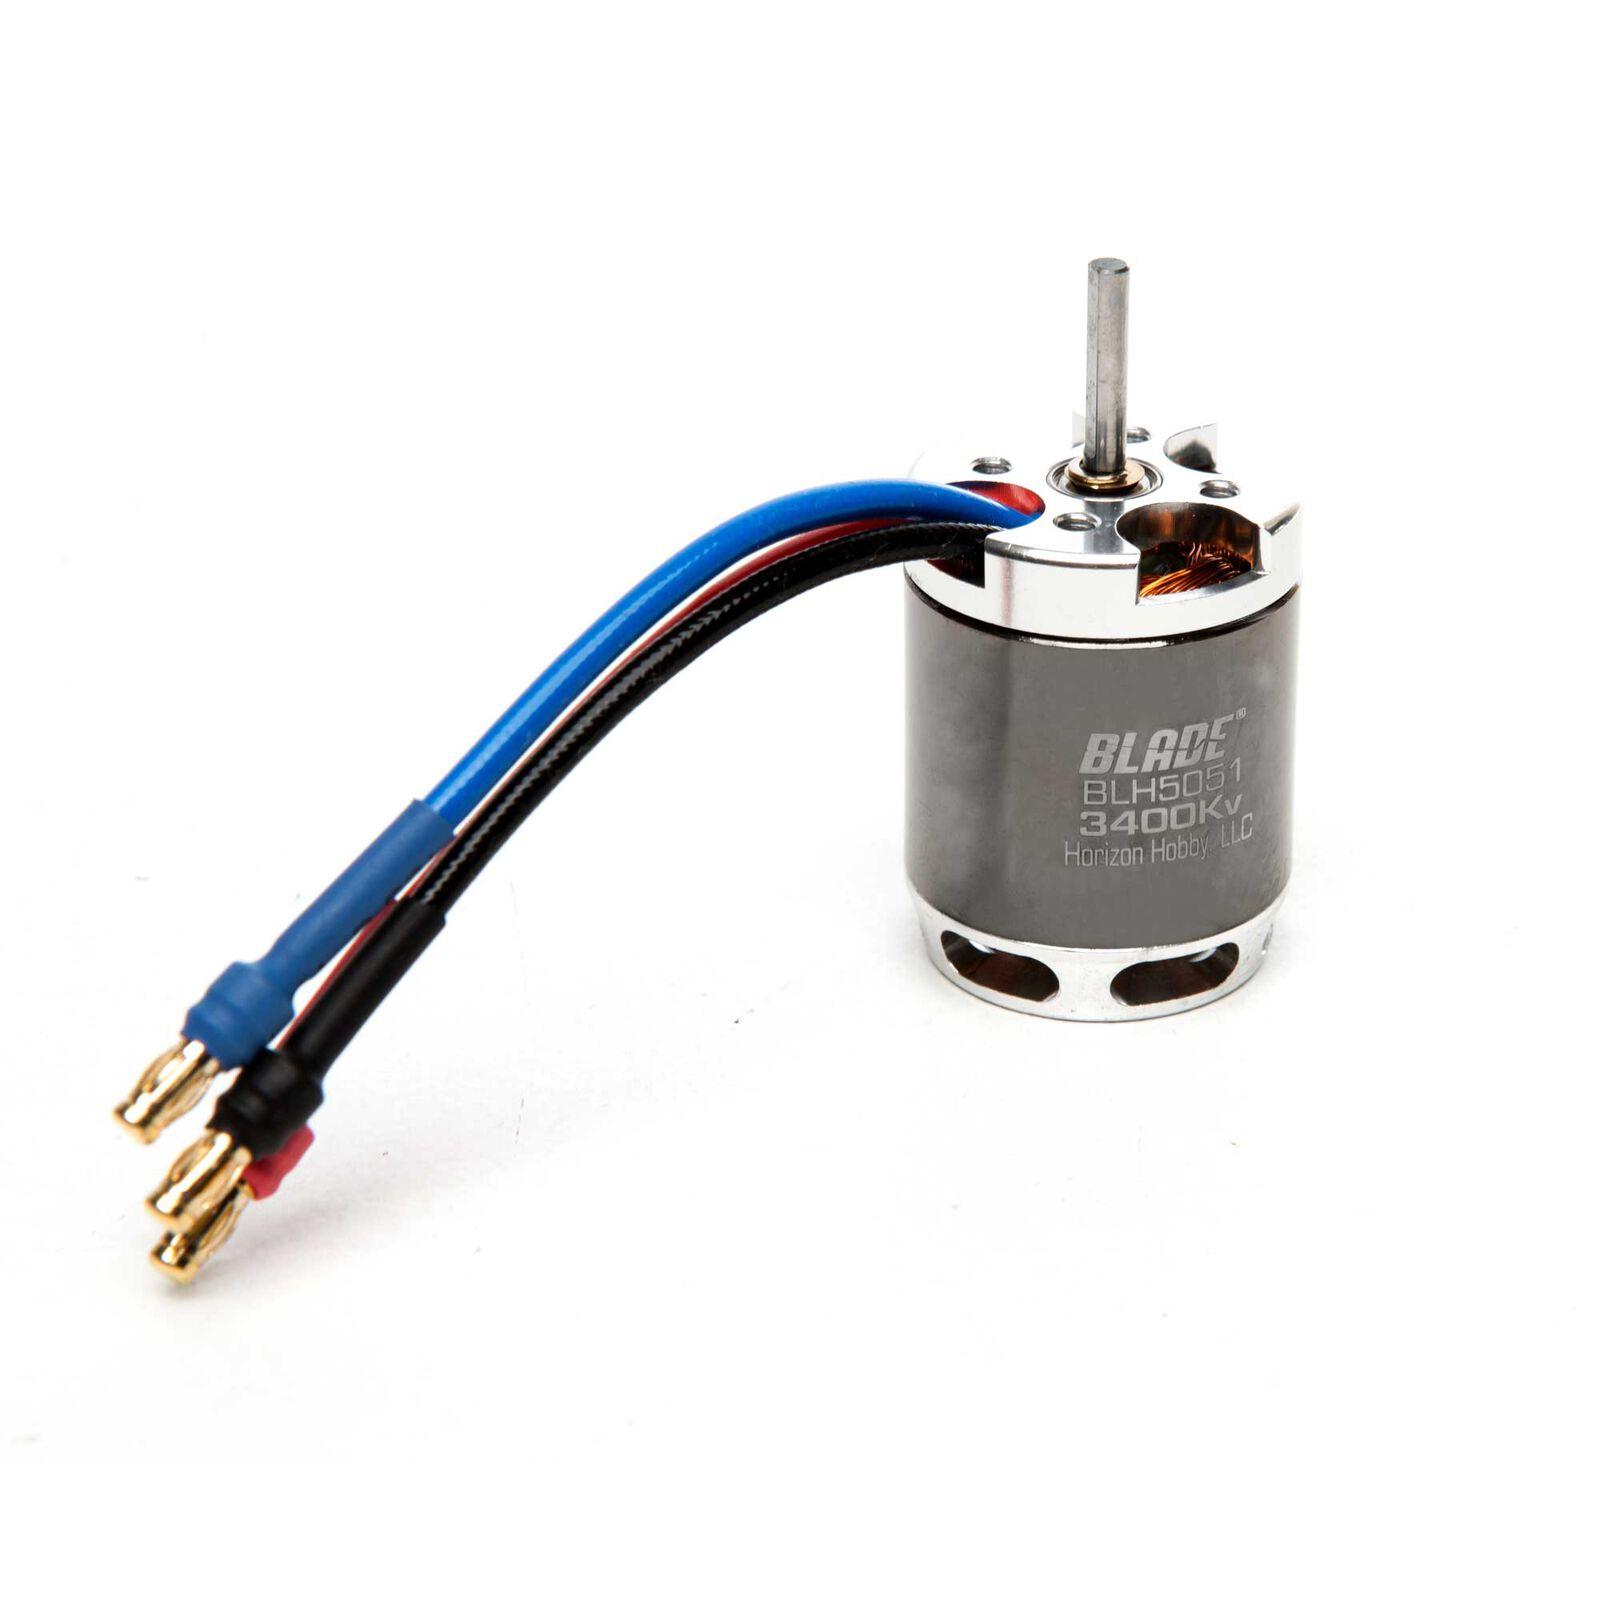 Brushless Outrunner Motor, 3400Kv: 360 CFX